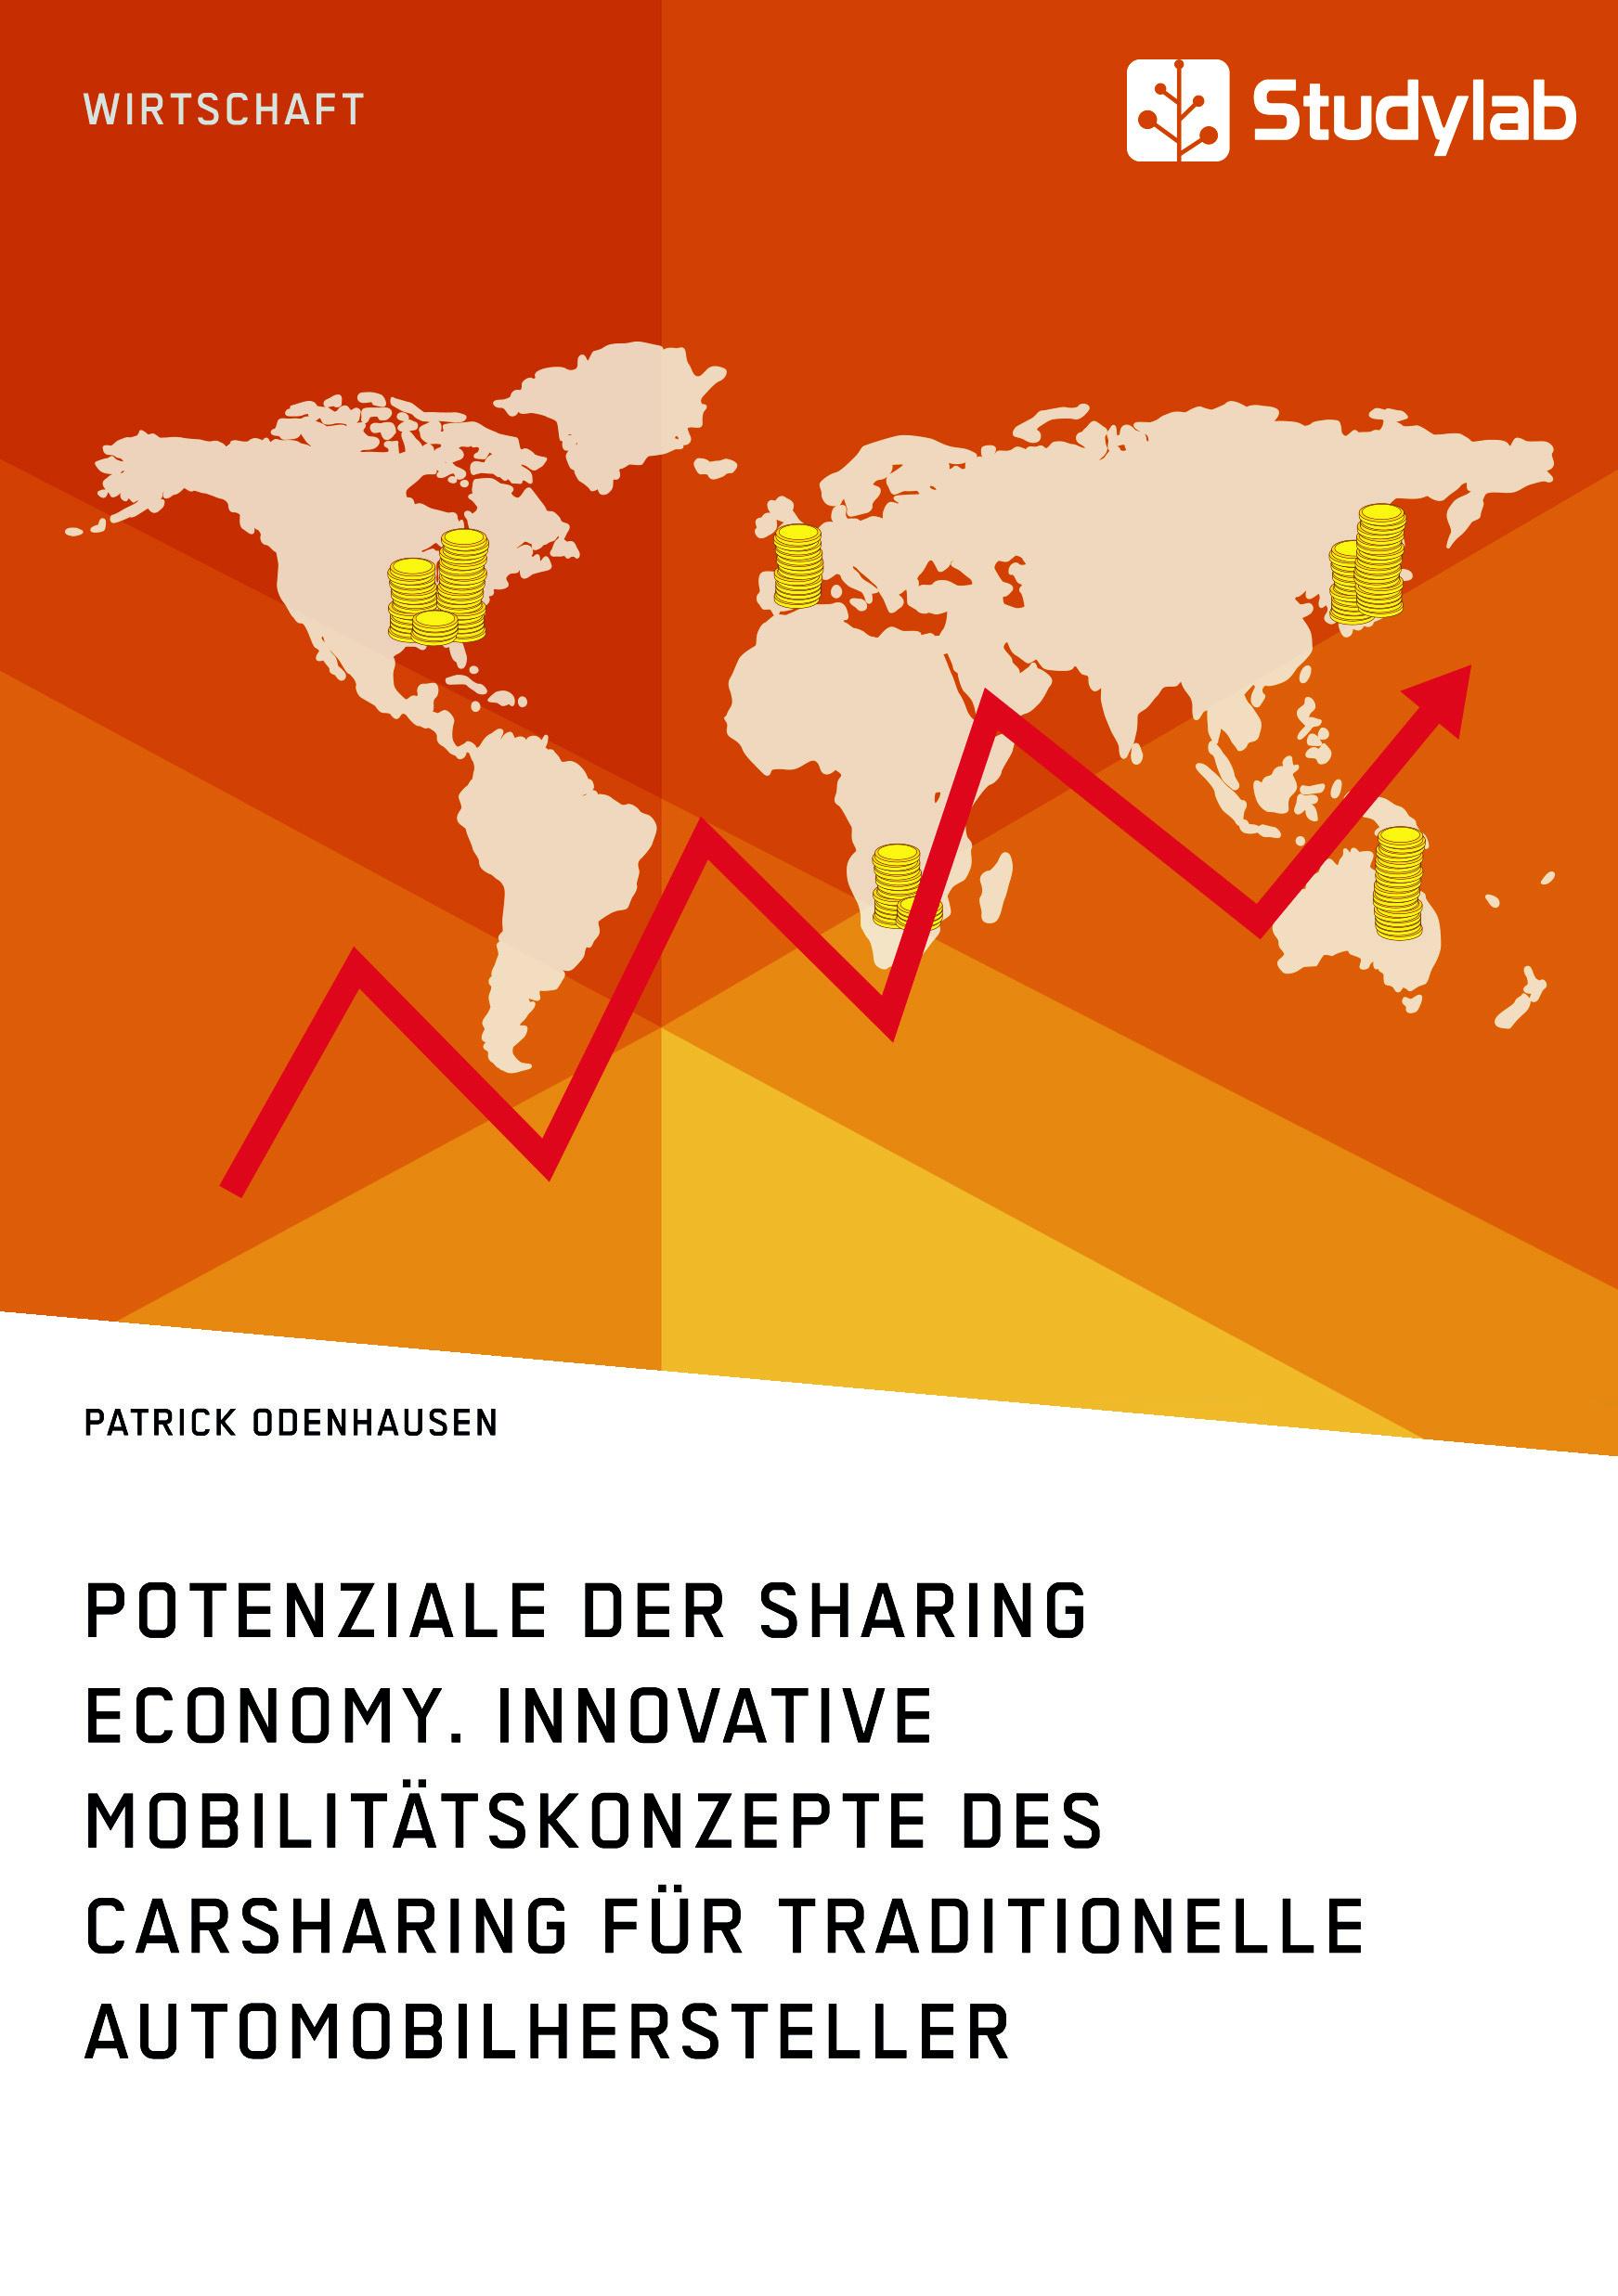 Titel: Potenziale der Sharing Economy. Innovative Mobilitätskonzepte des Carsharing für traditionelle Automobilhersteller